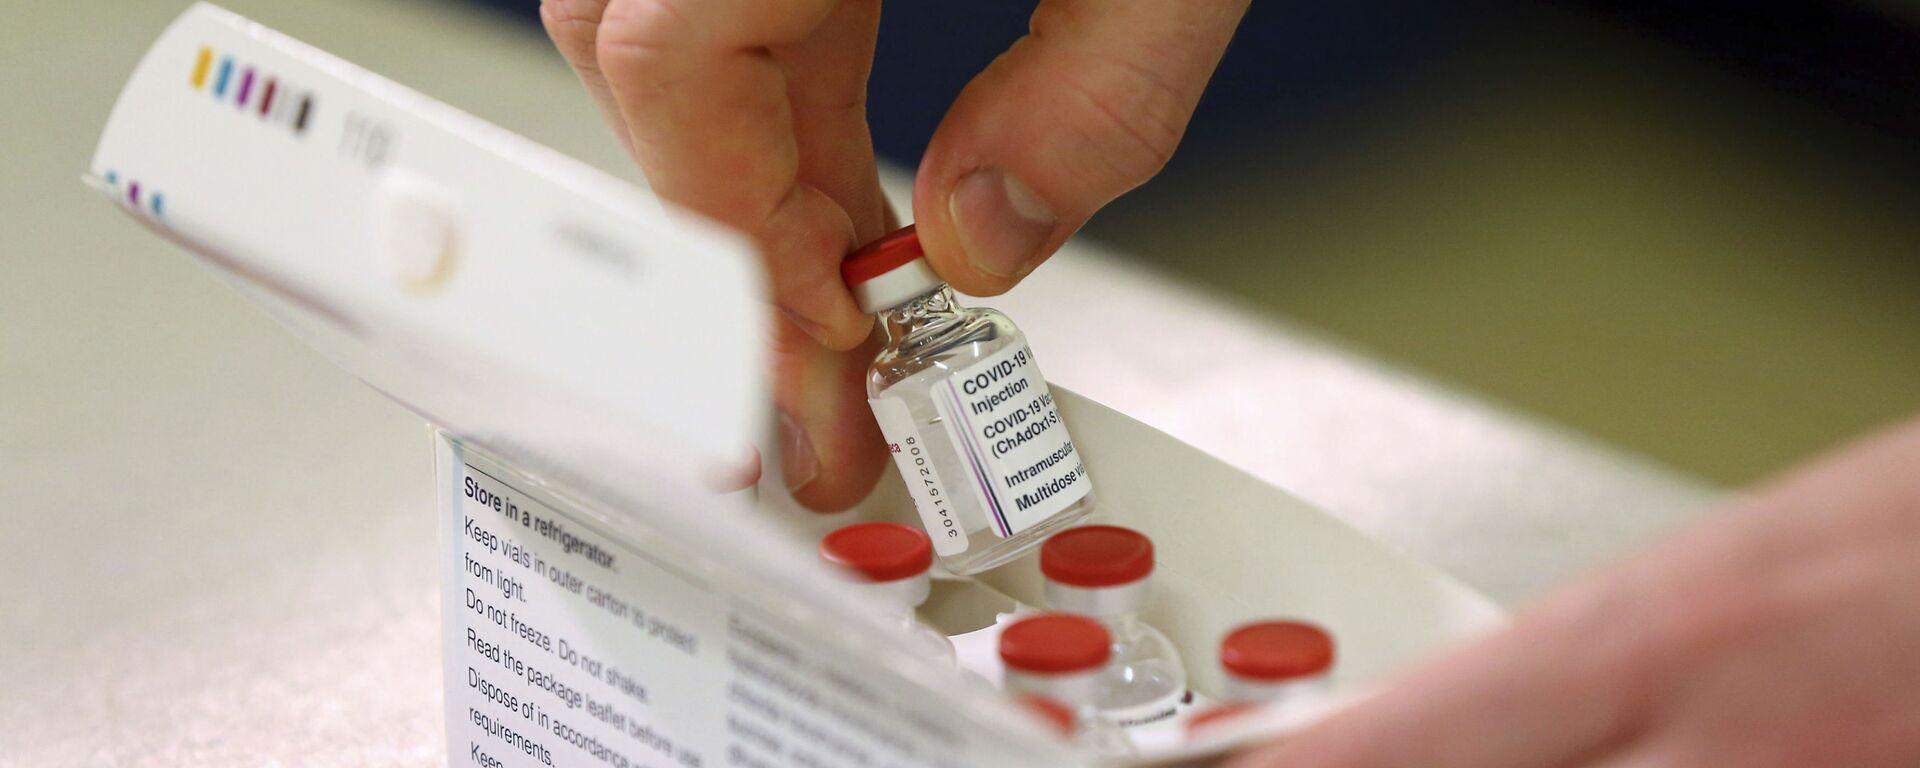 Вакцина от COVID-19 производства компании AstraZeneca - Sputnik Латвия, 1920, 26.02.2021